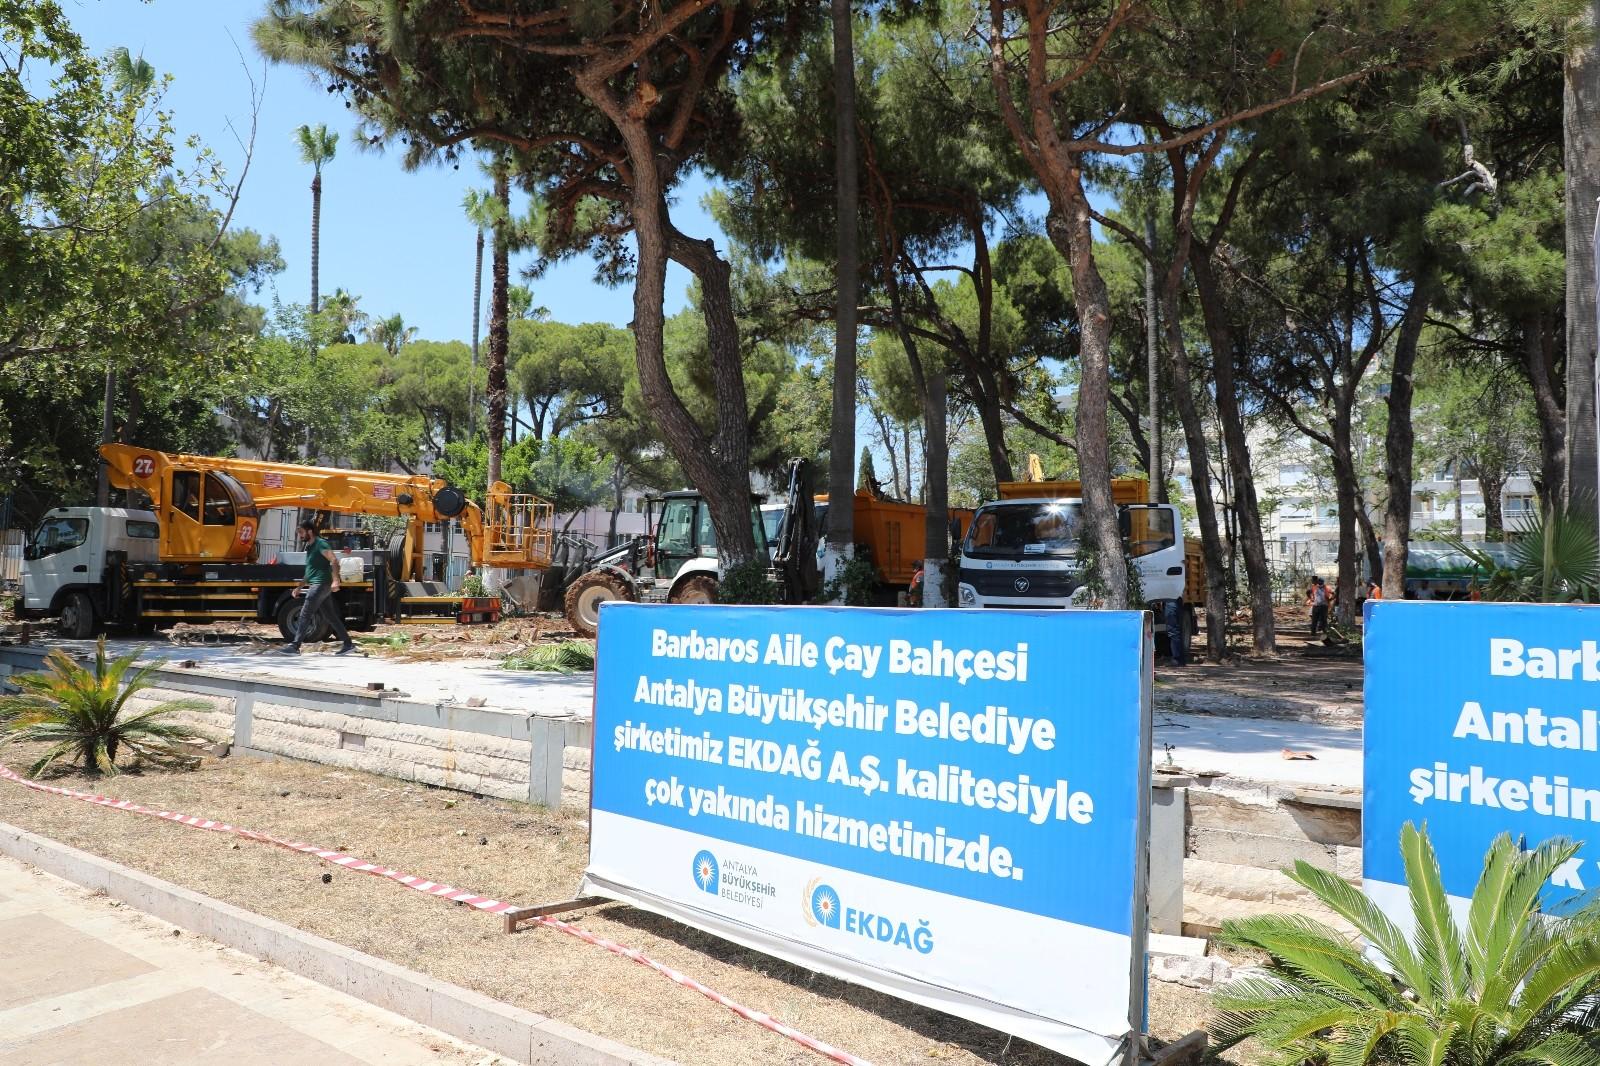 Konyaaltı Caddesi üzerindeki Barbaros Aile Çay Bahçesi Yenilenmeye devam ediliyor